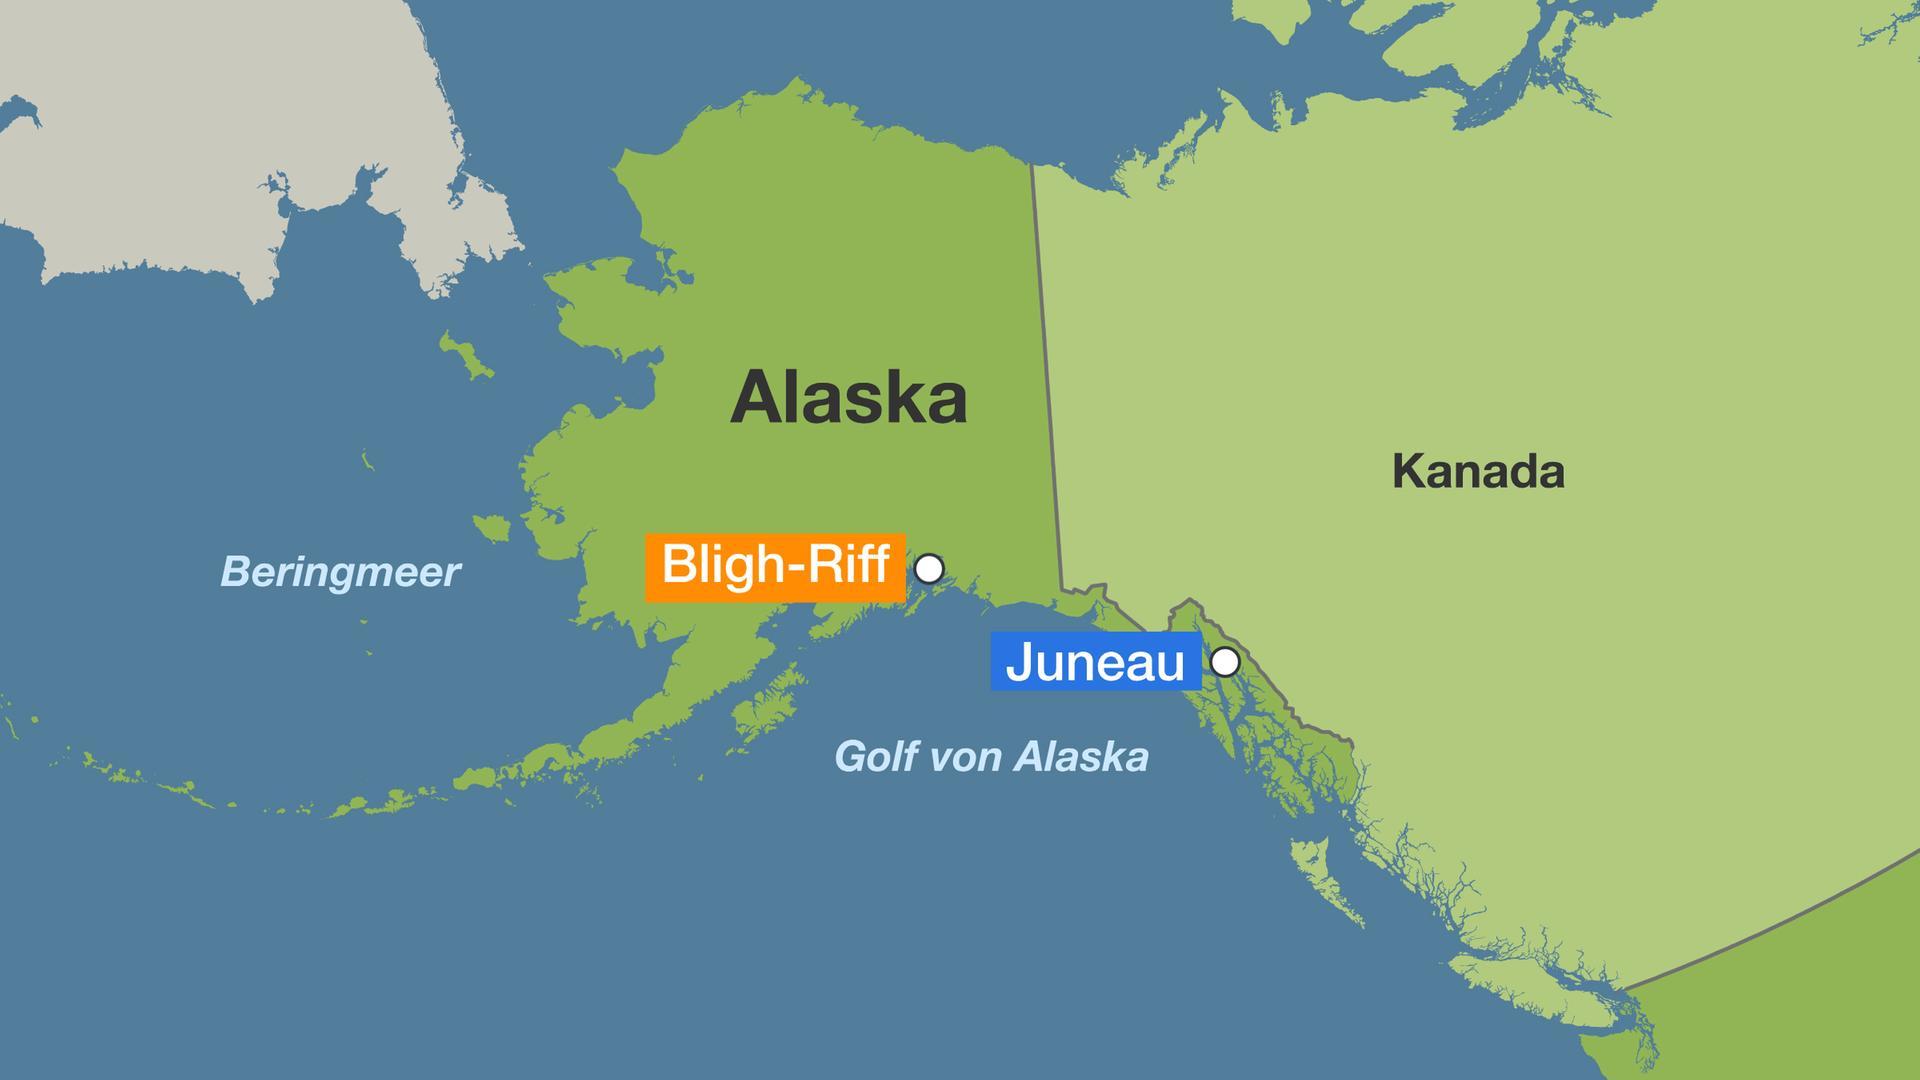 Golf Von Alaska Karte.30 Jahre Danach Exxon Valdez Olpest Alaska Leidet Noch